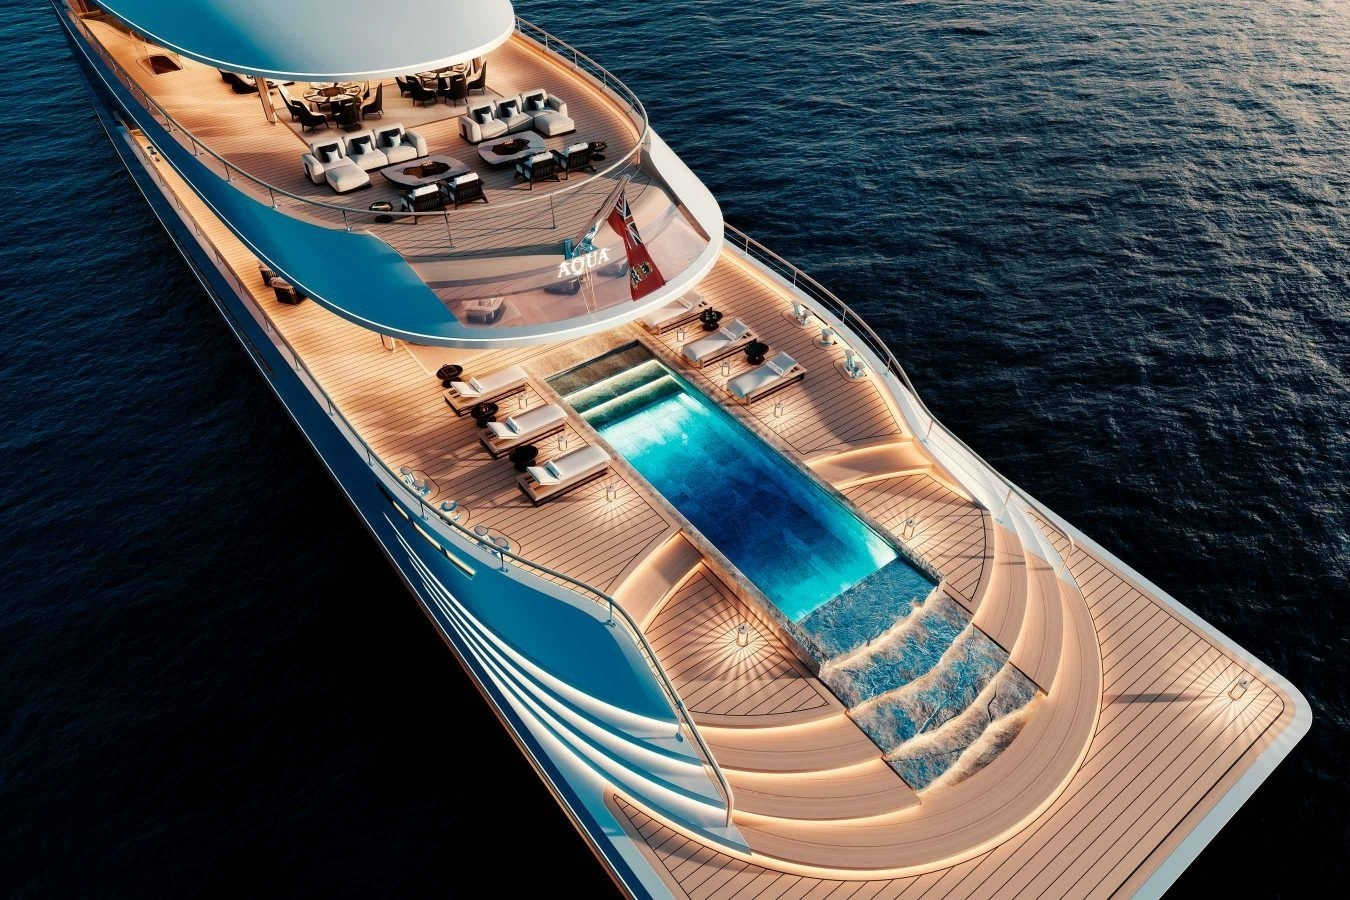 Giới siêu giàu chuộng mua du thuyền đắt đỏ